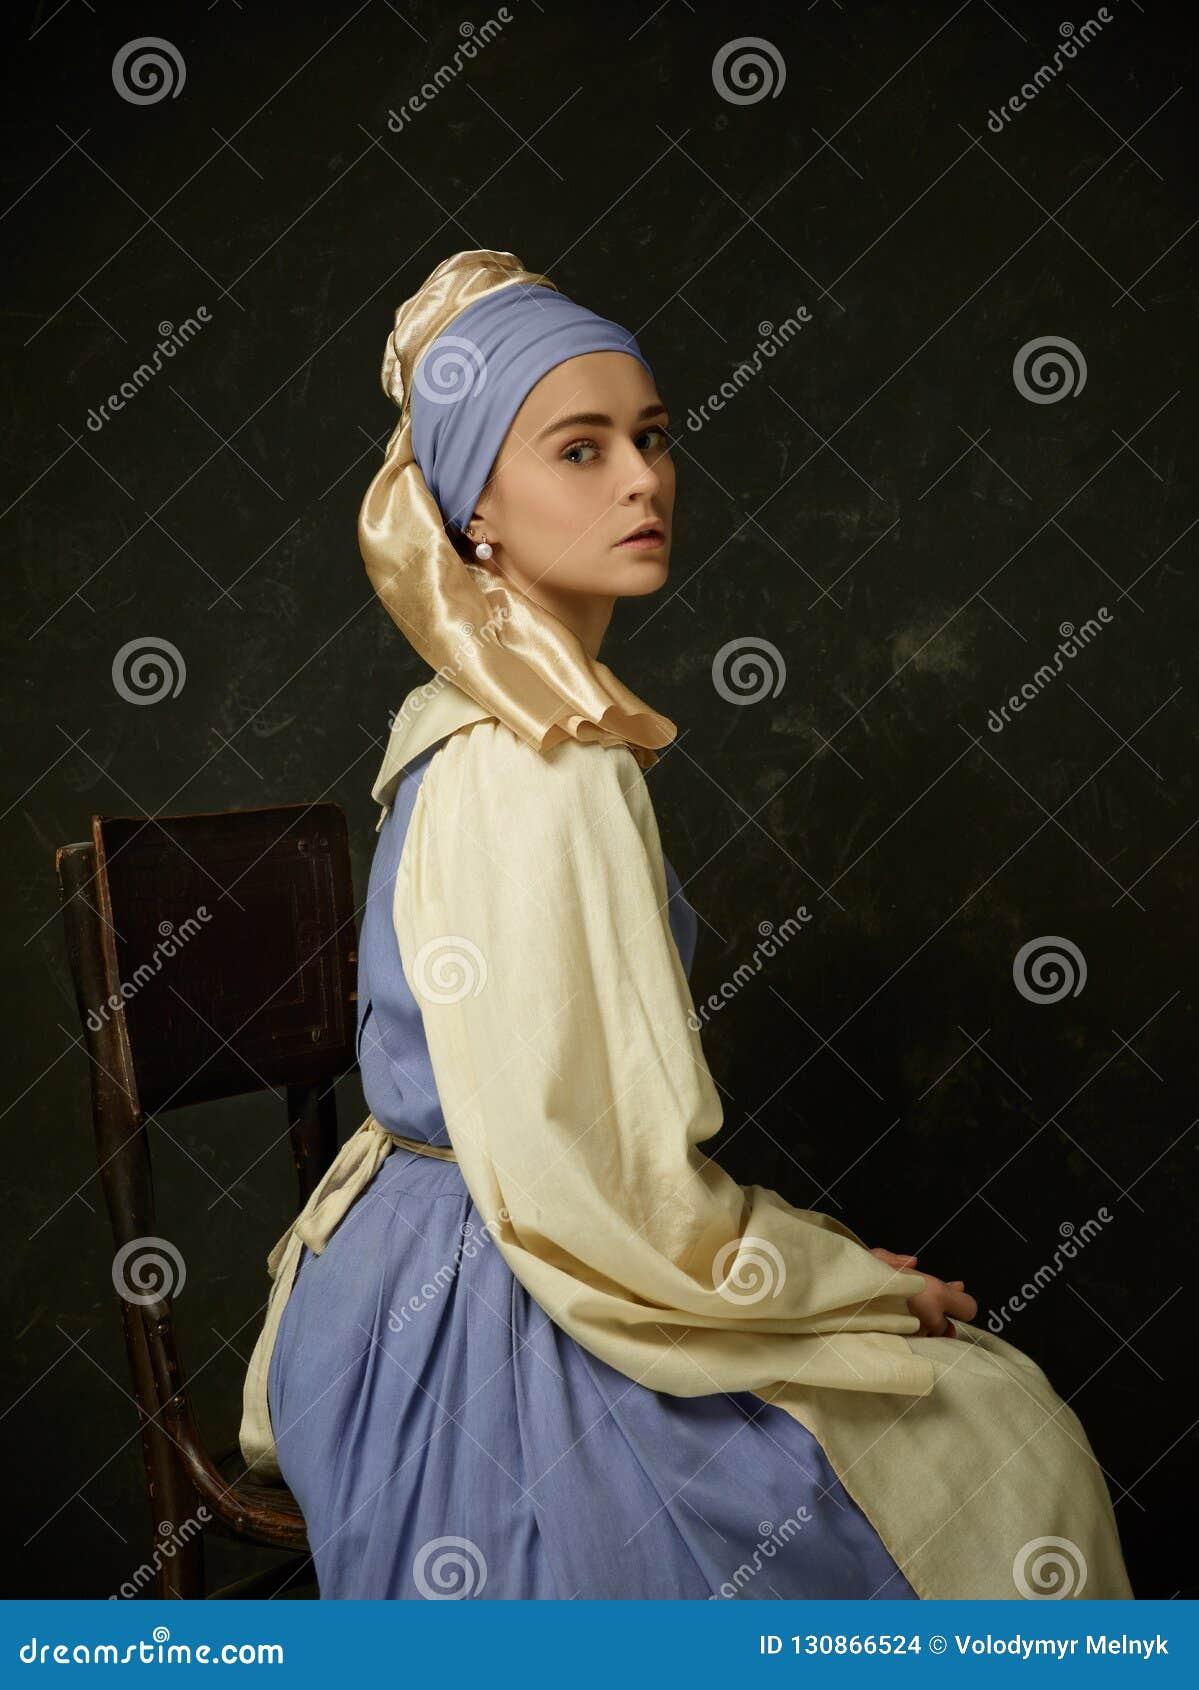 历史服装佩带的束腰礼服和帽子的中世纪妇女